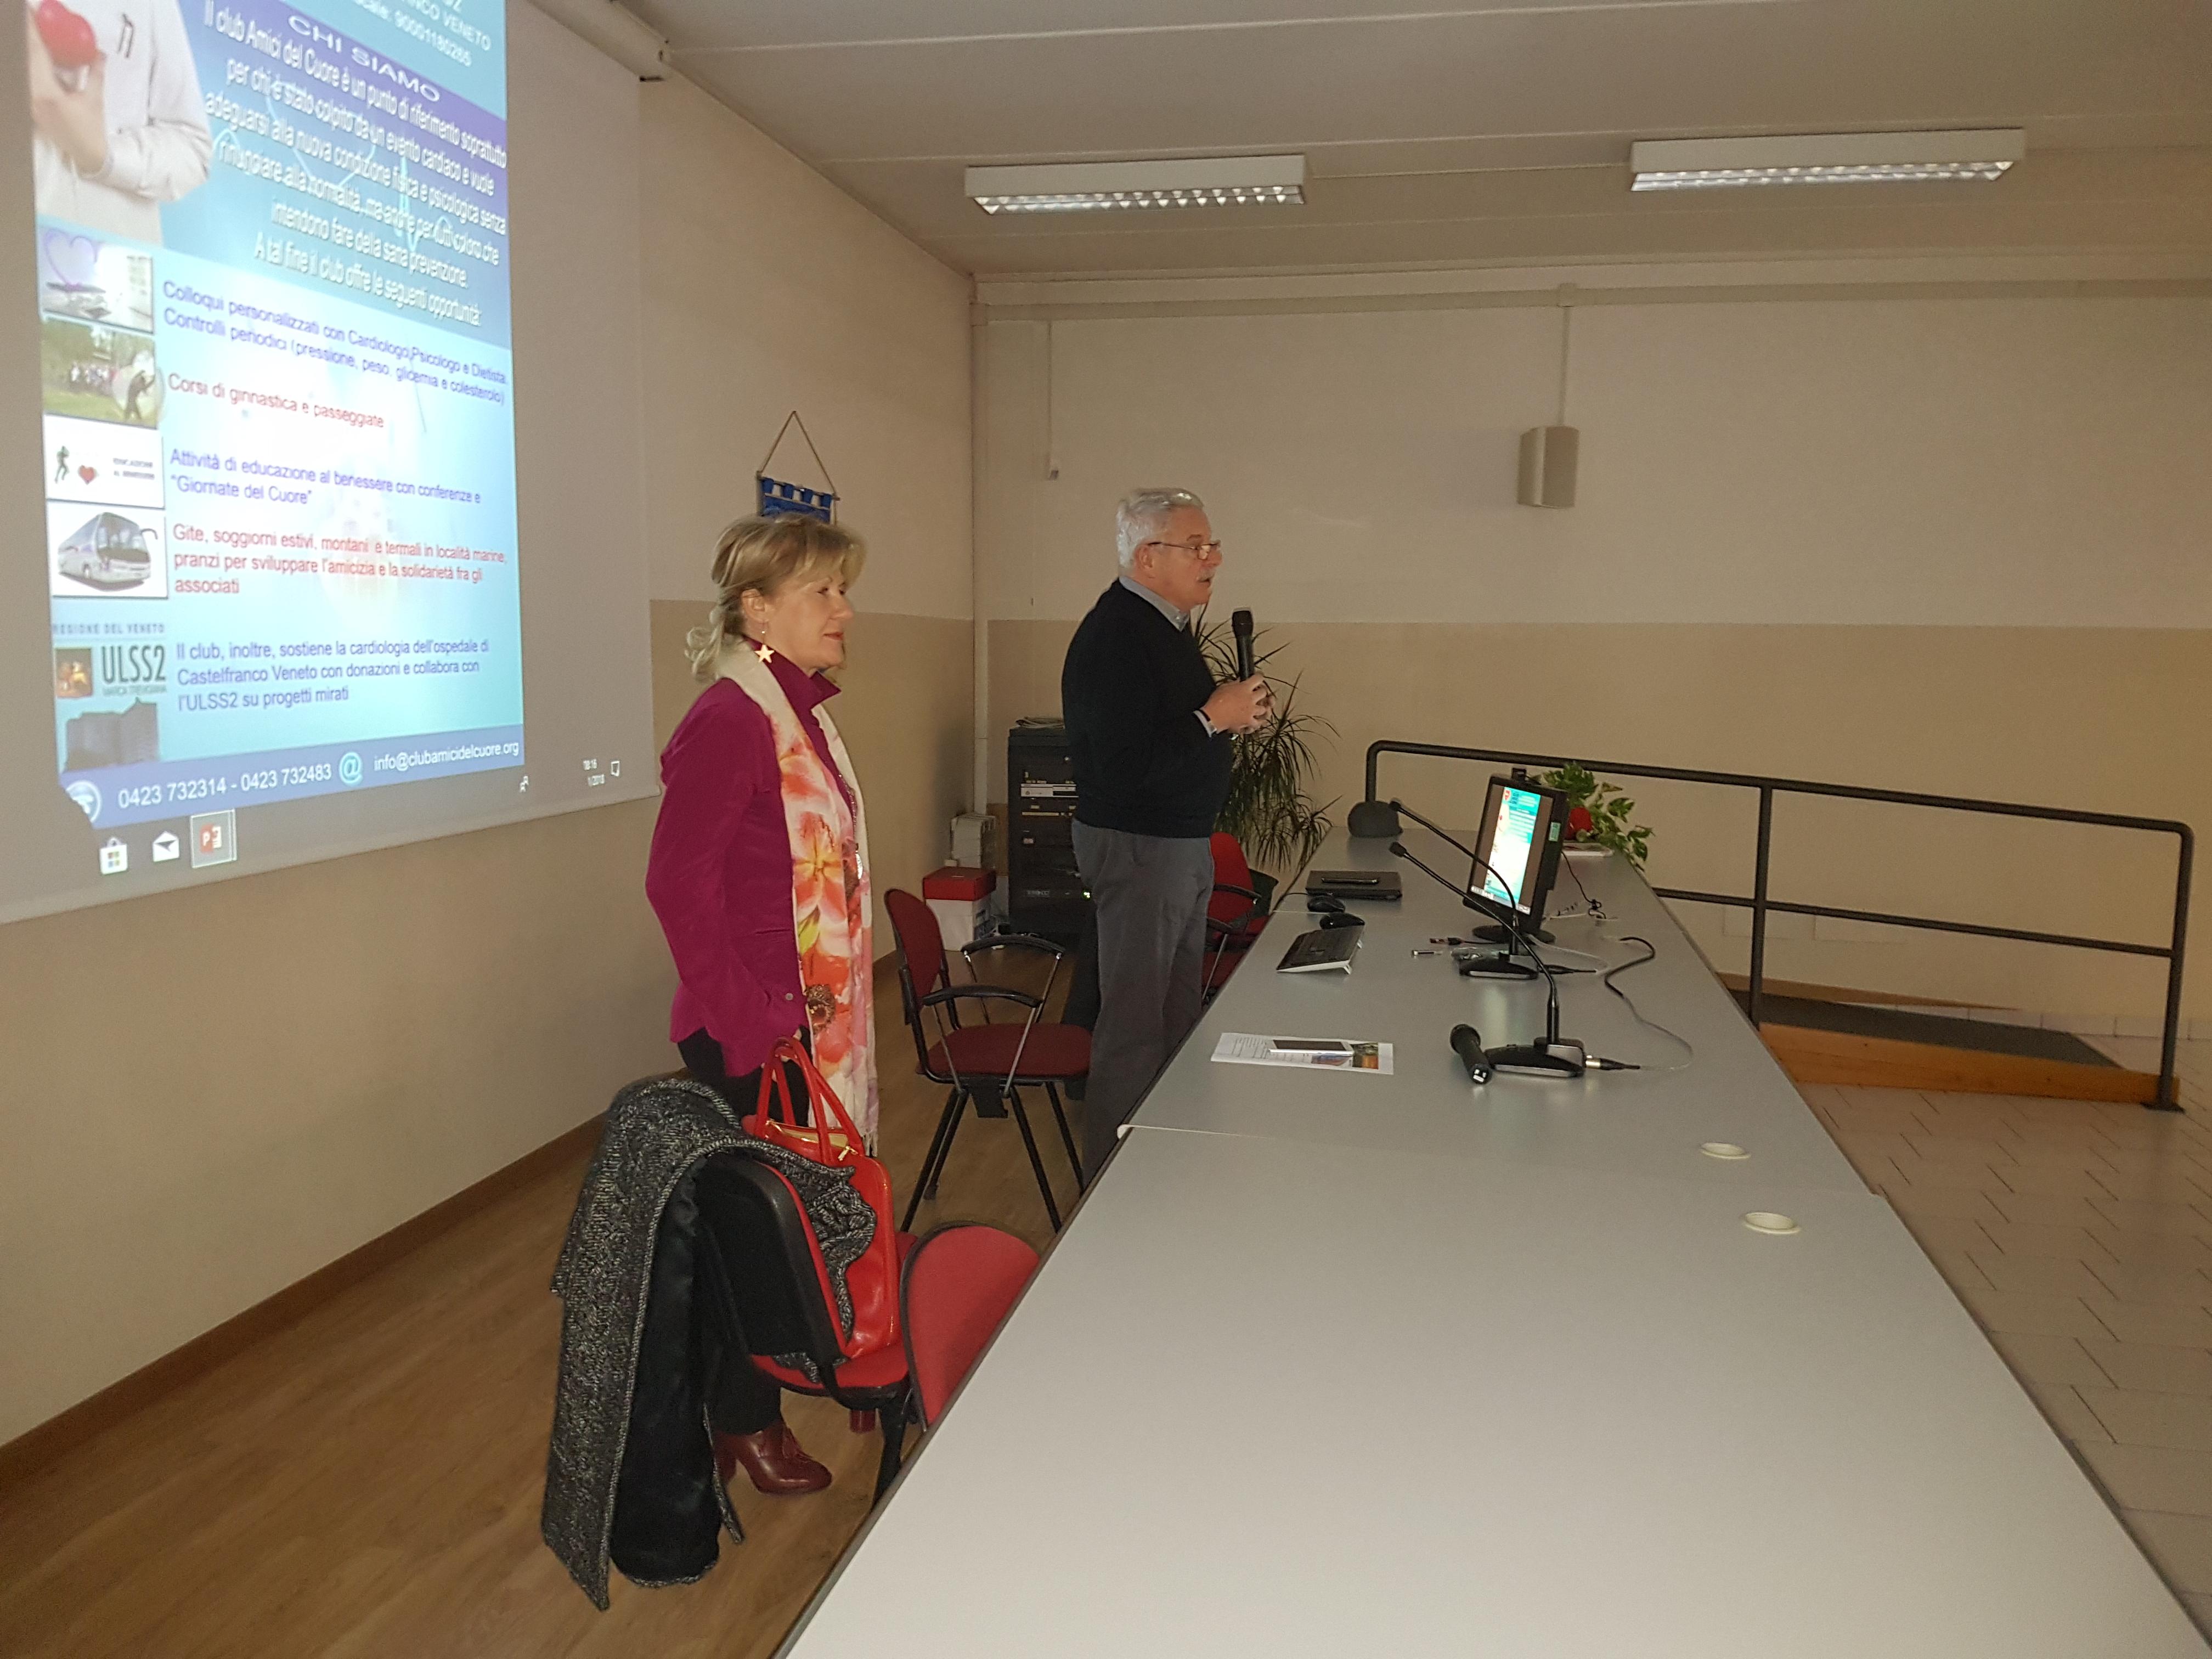 Conferenza presso l'I.T.C.G. Arturo Martini Castelfranco Veneto